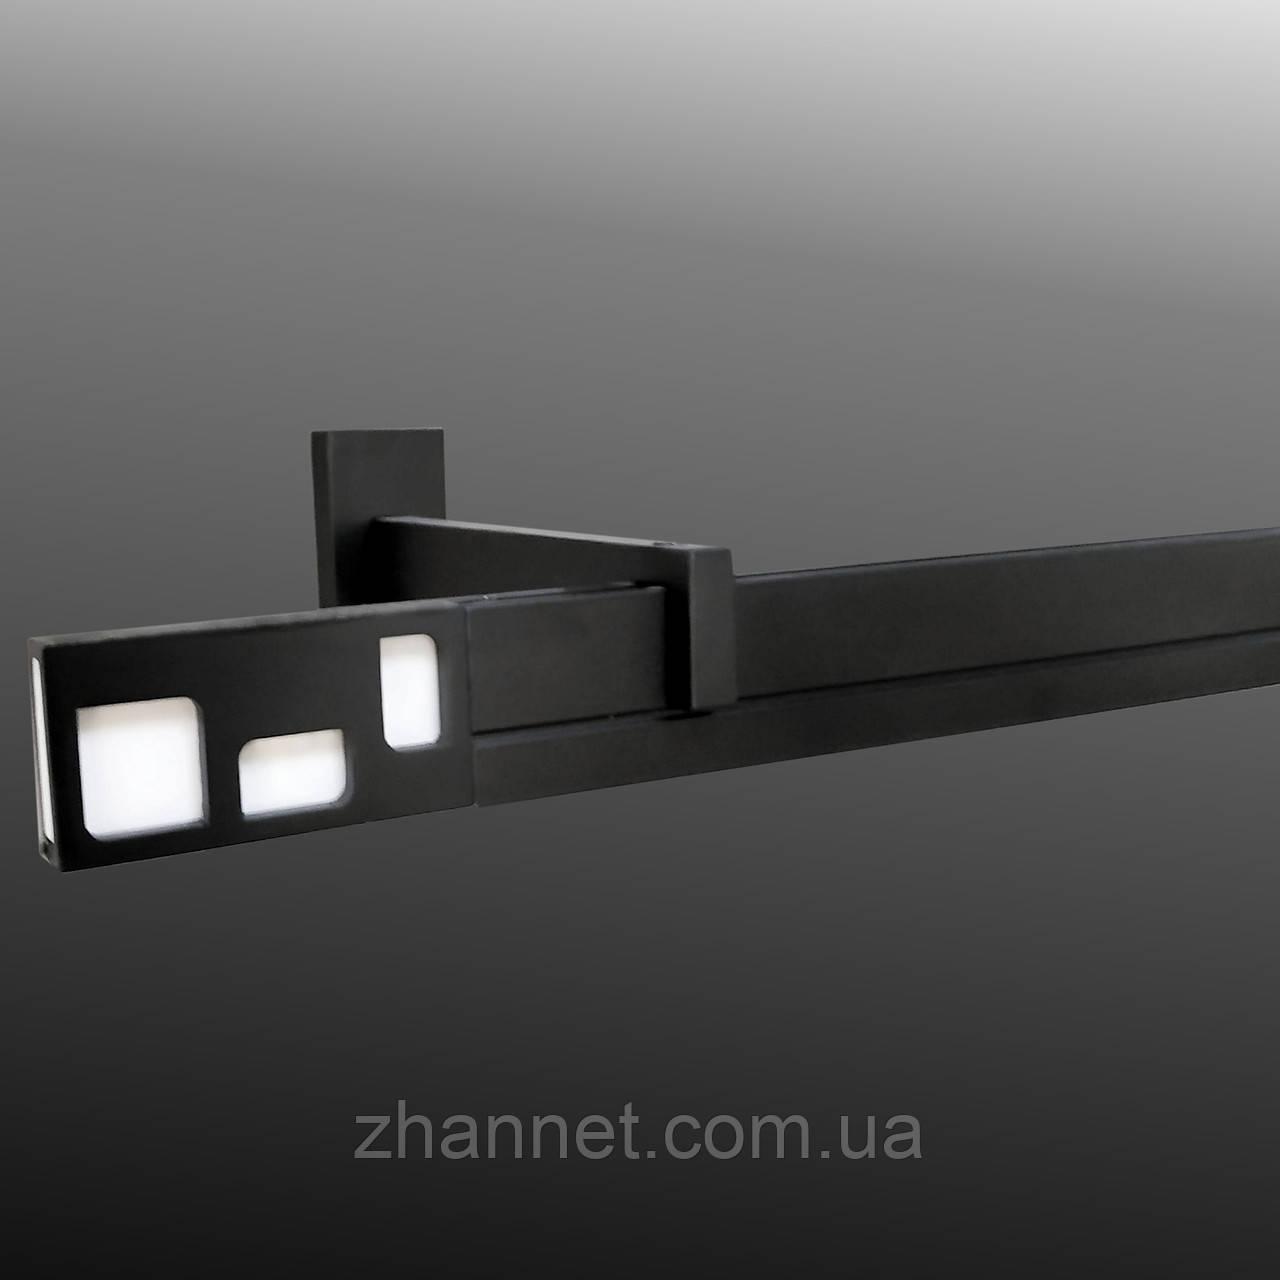 Карниз для штор Square  Line Interno однополосный черный матовый